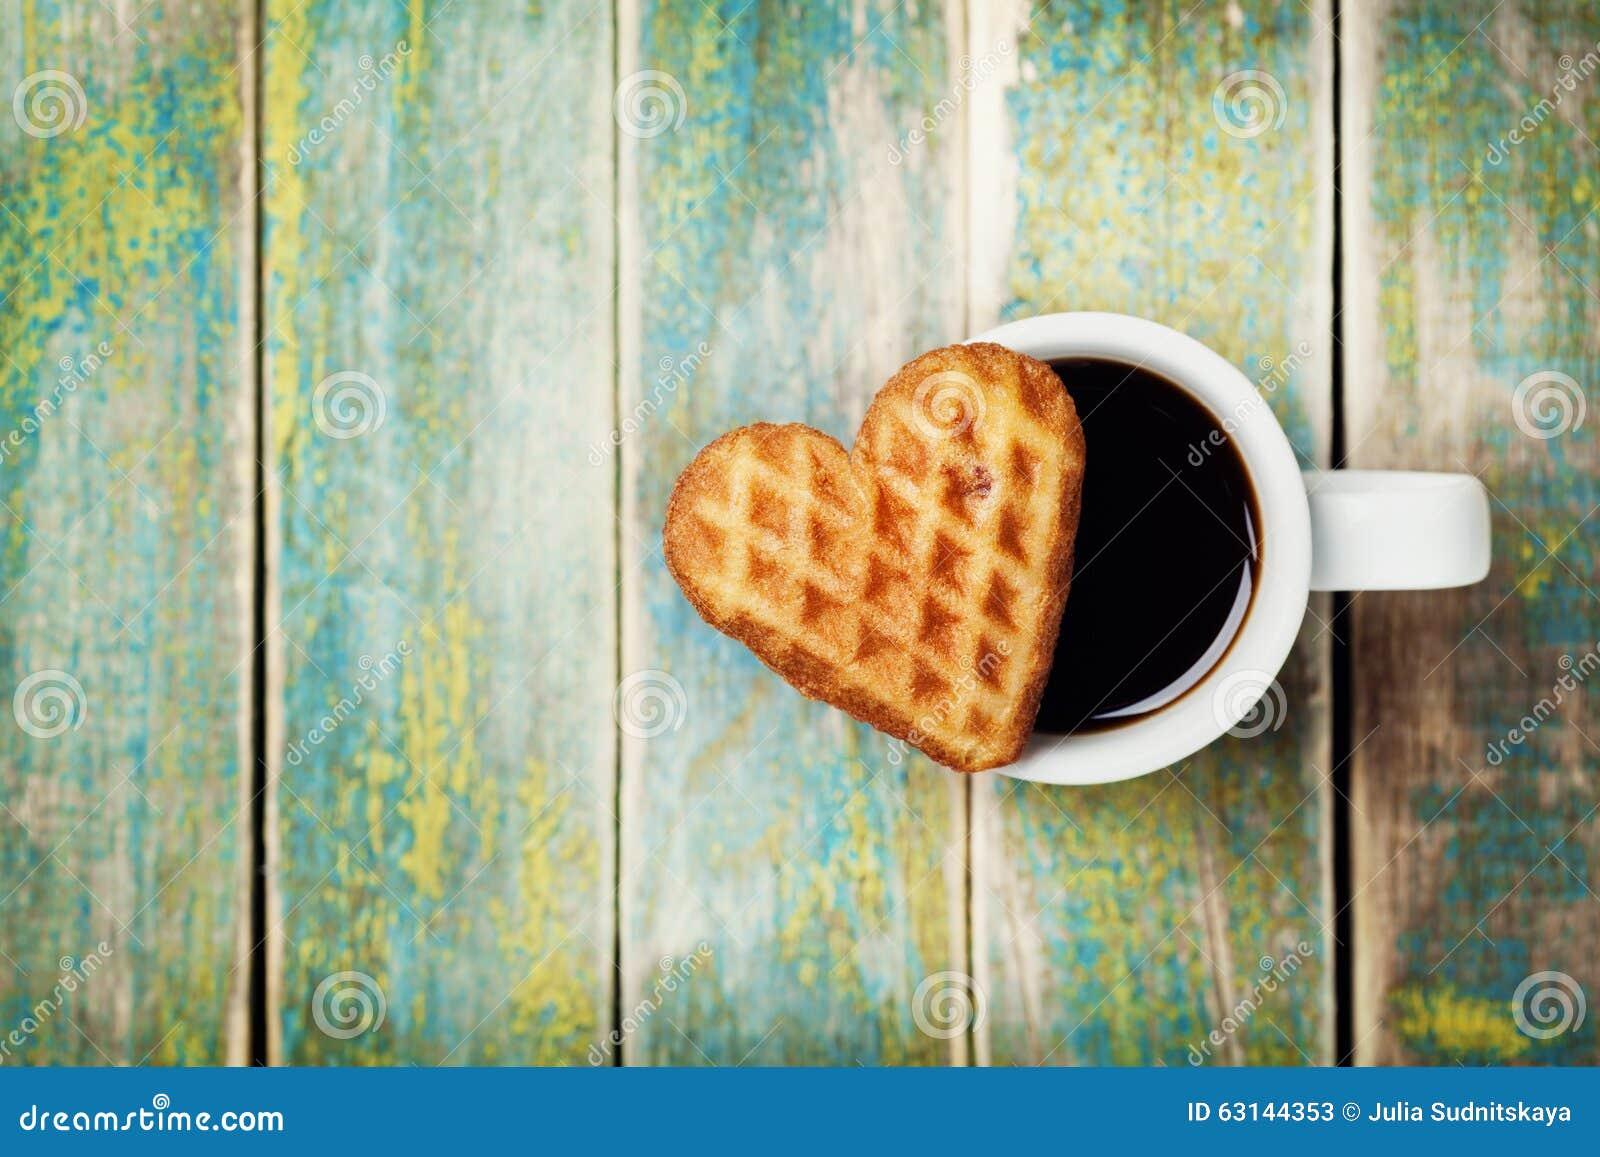 Biscuits de gaufre dans la forme du coeur avec la tasse de café sur le fond en bois pour le jour de valentines